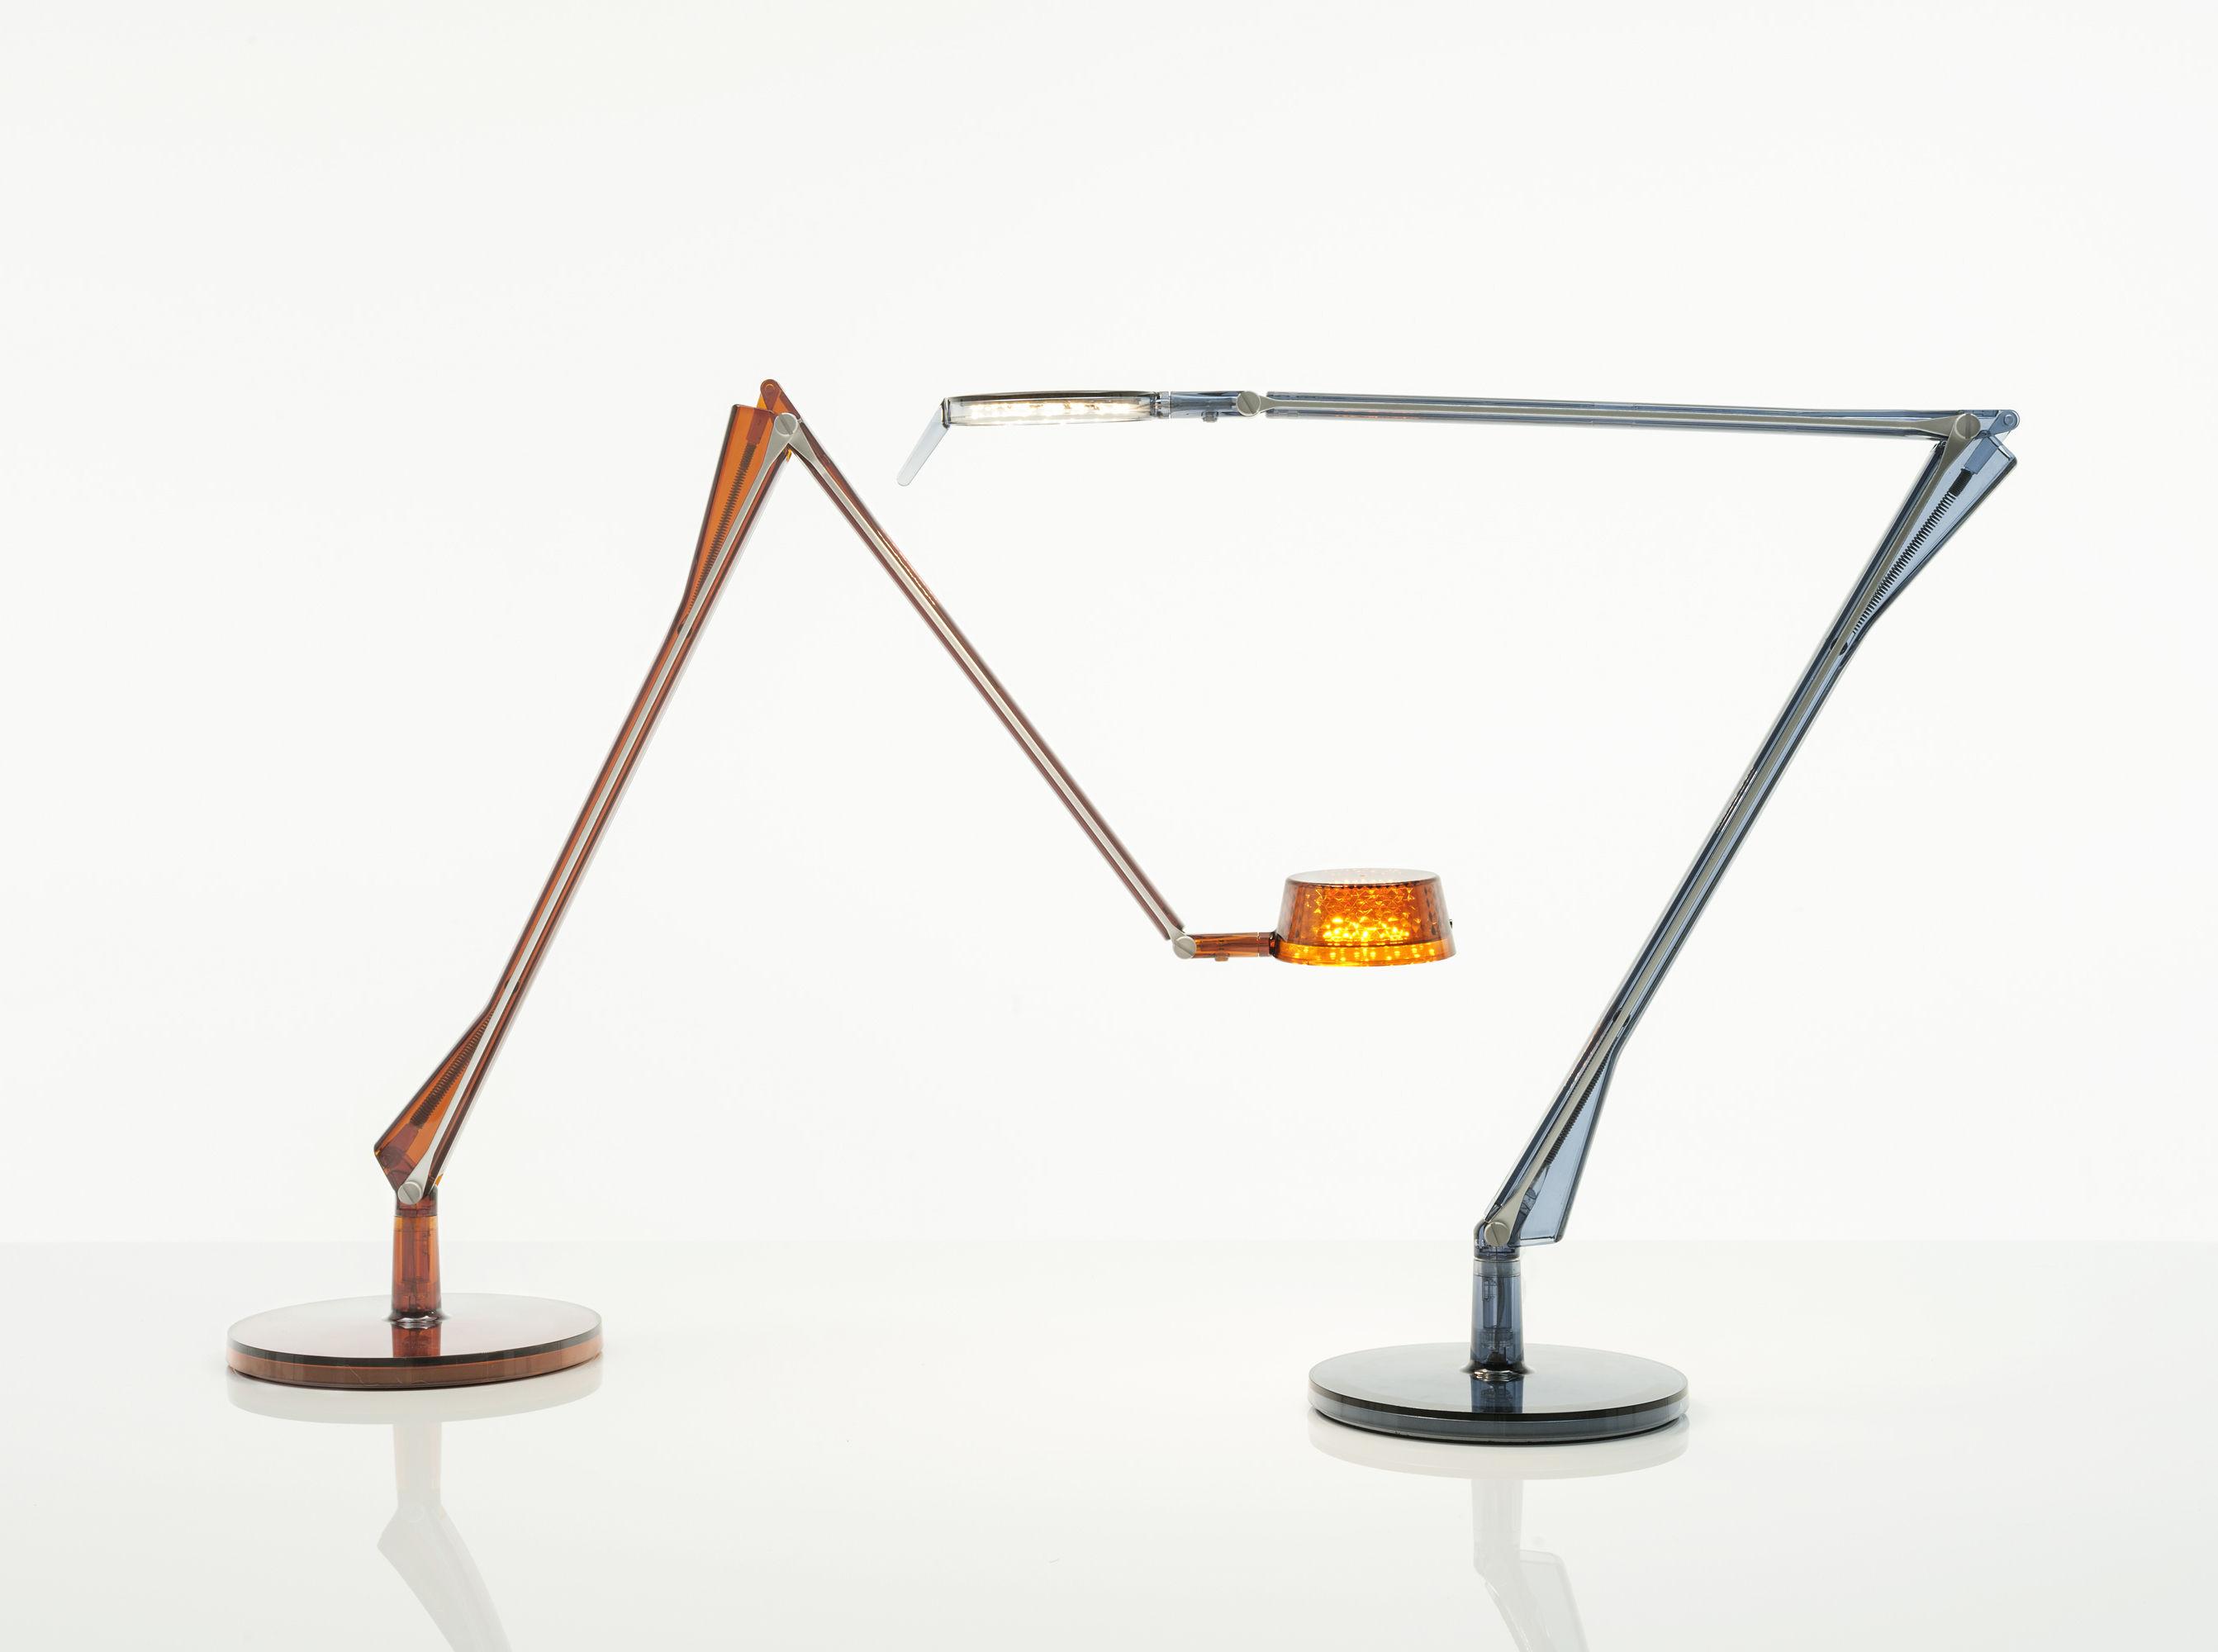 Lampada da tavolo aledin tec di kartell verde made in design for Lampada da tavolo verde